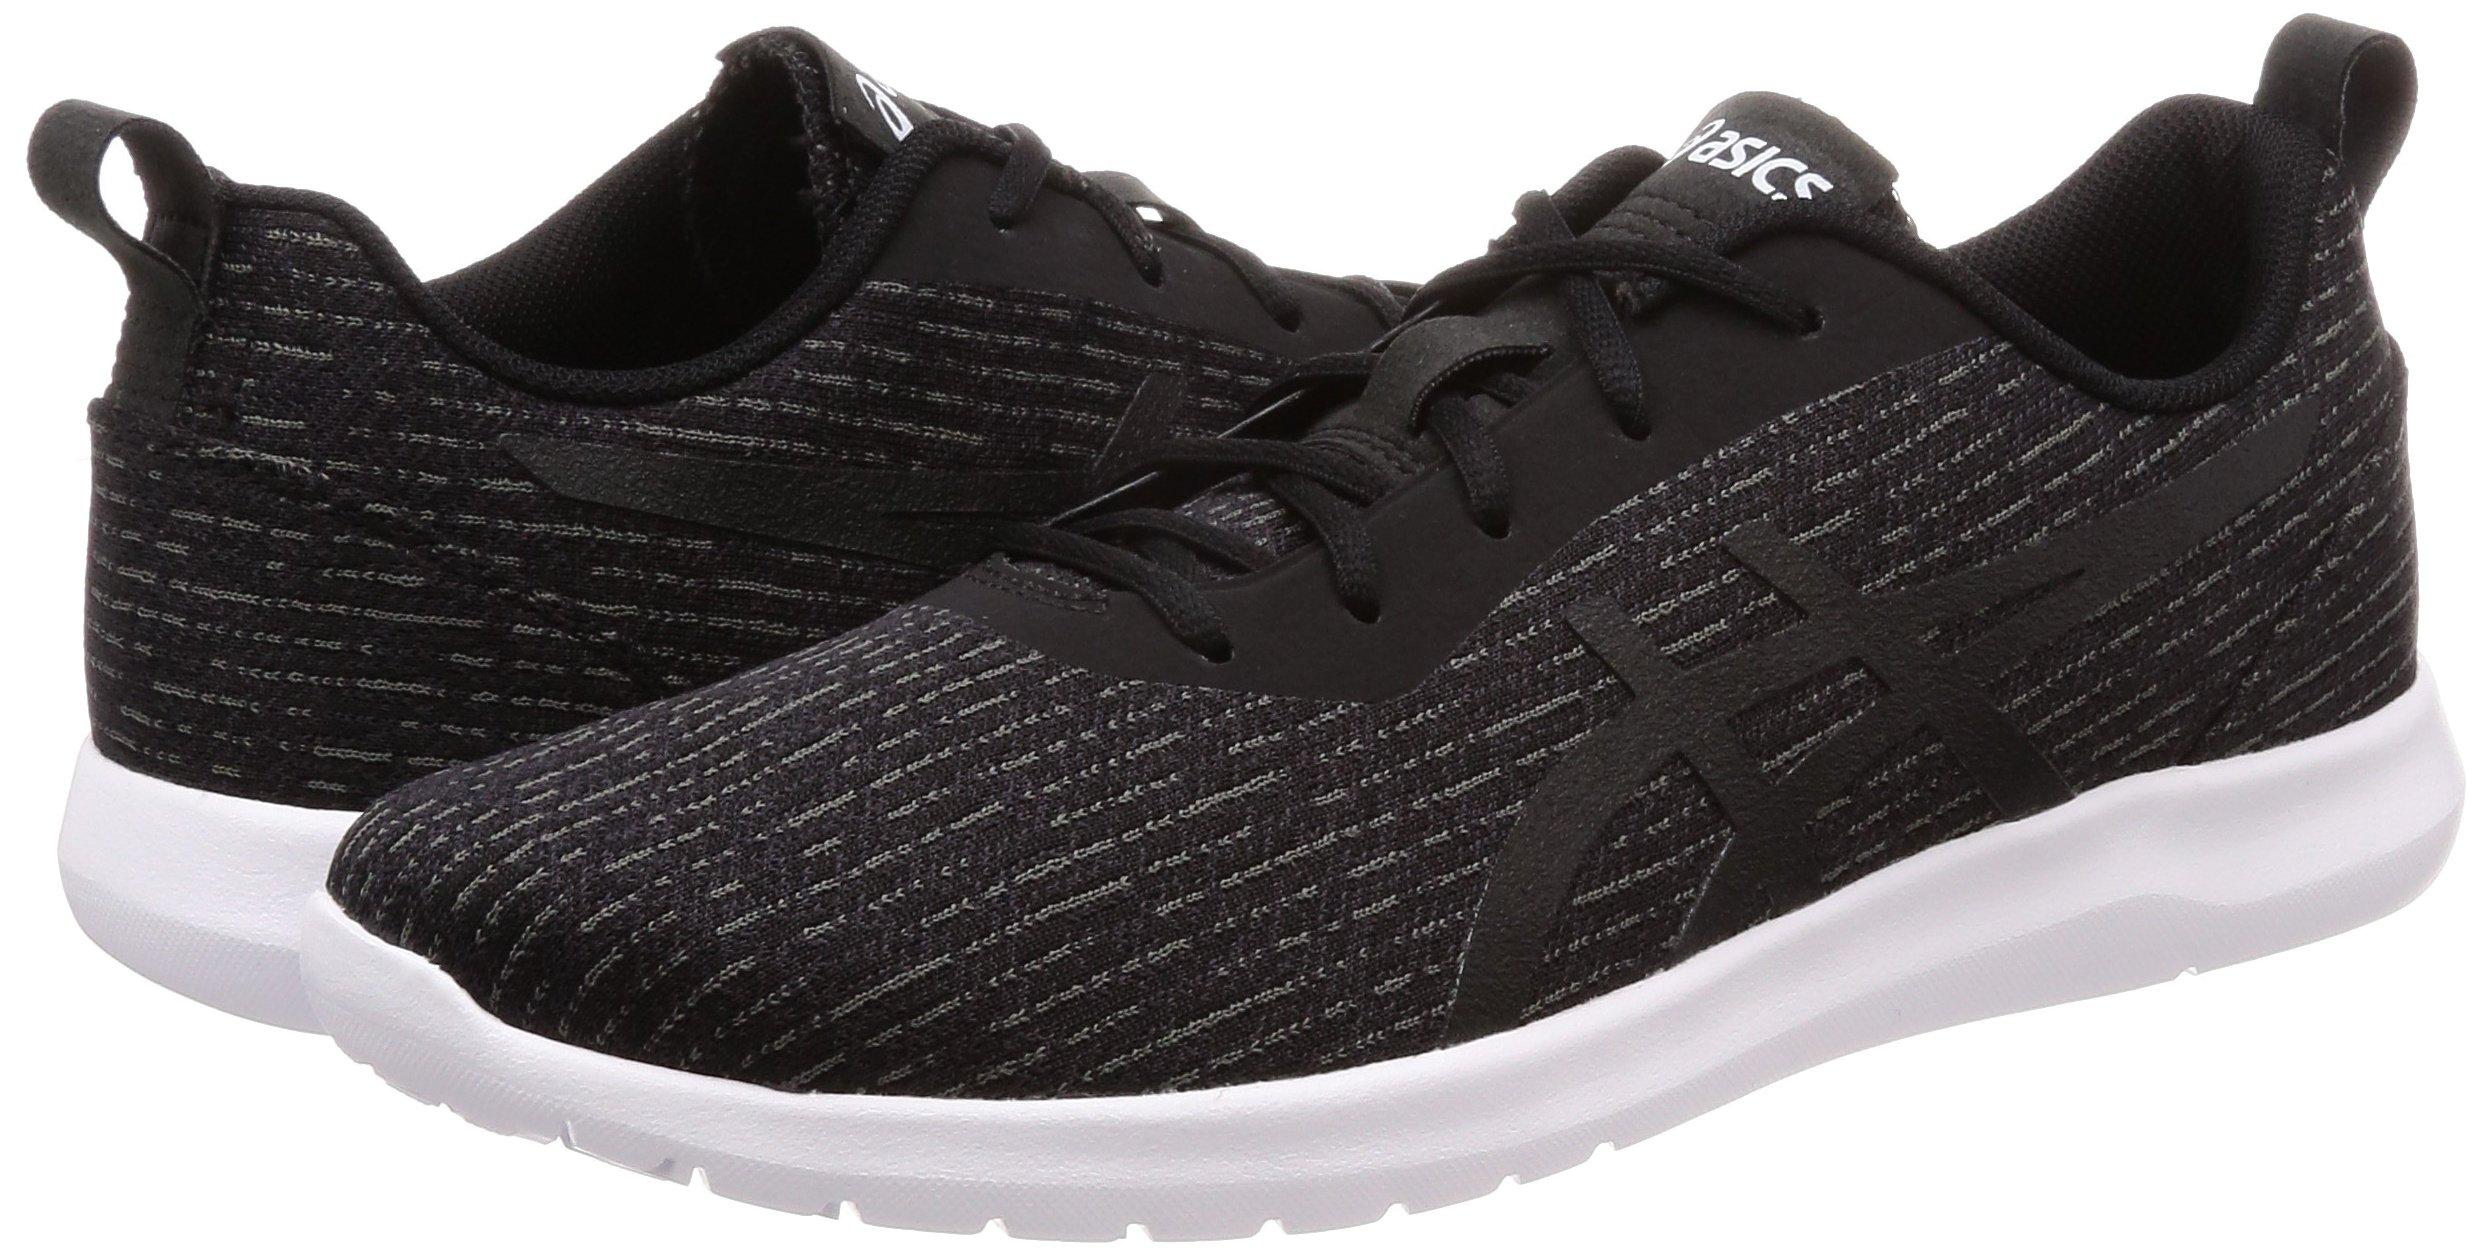 ASICS Men's Kanmei 2 Running Shoes- Buy